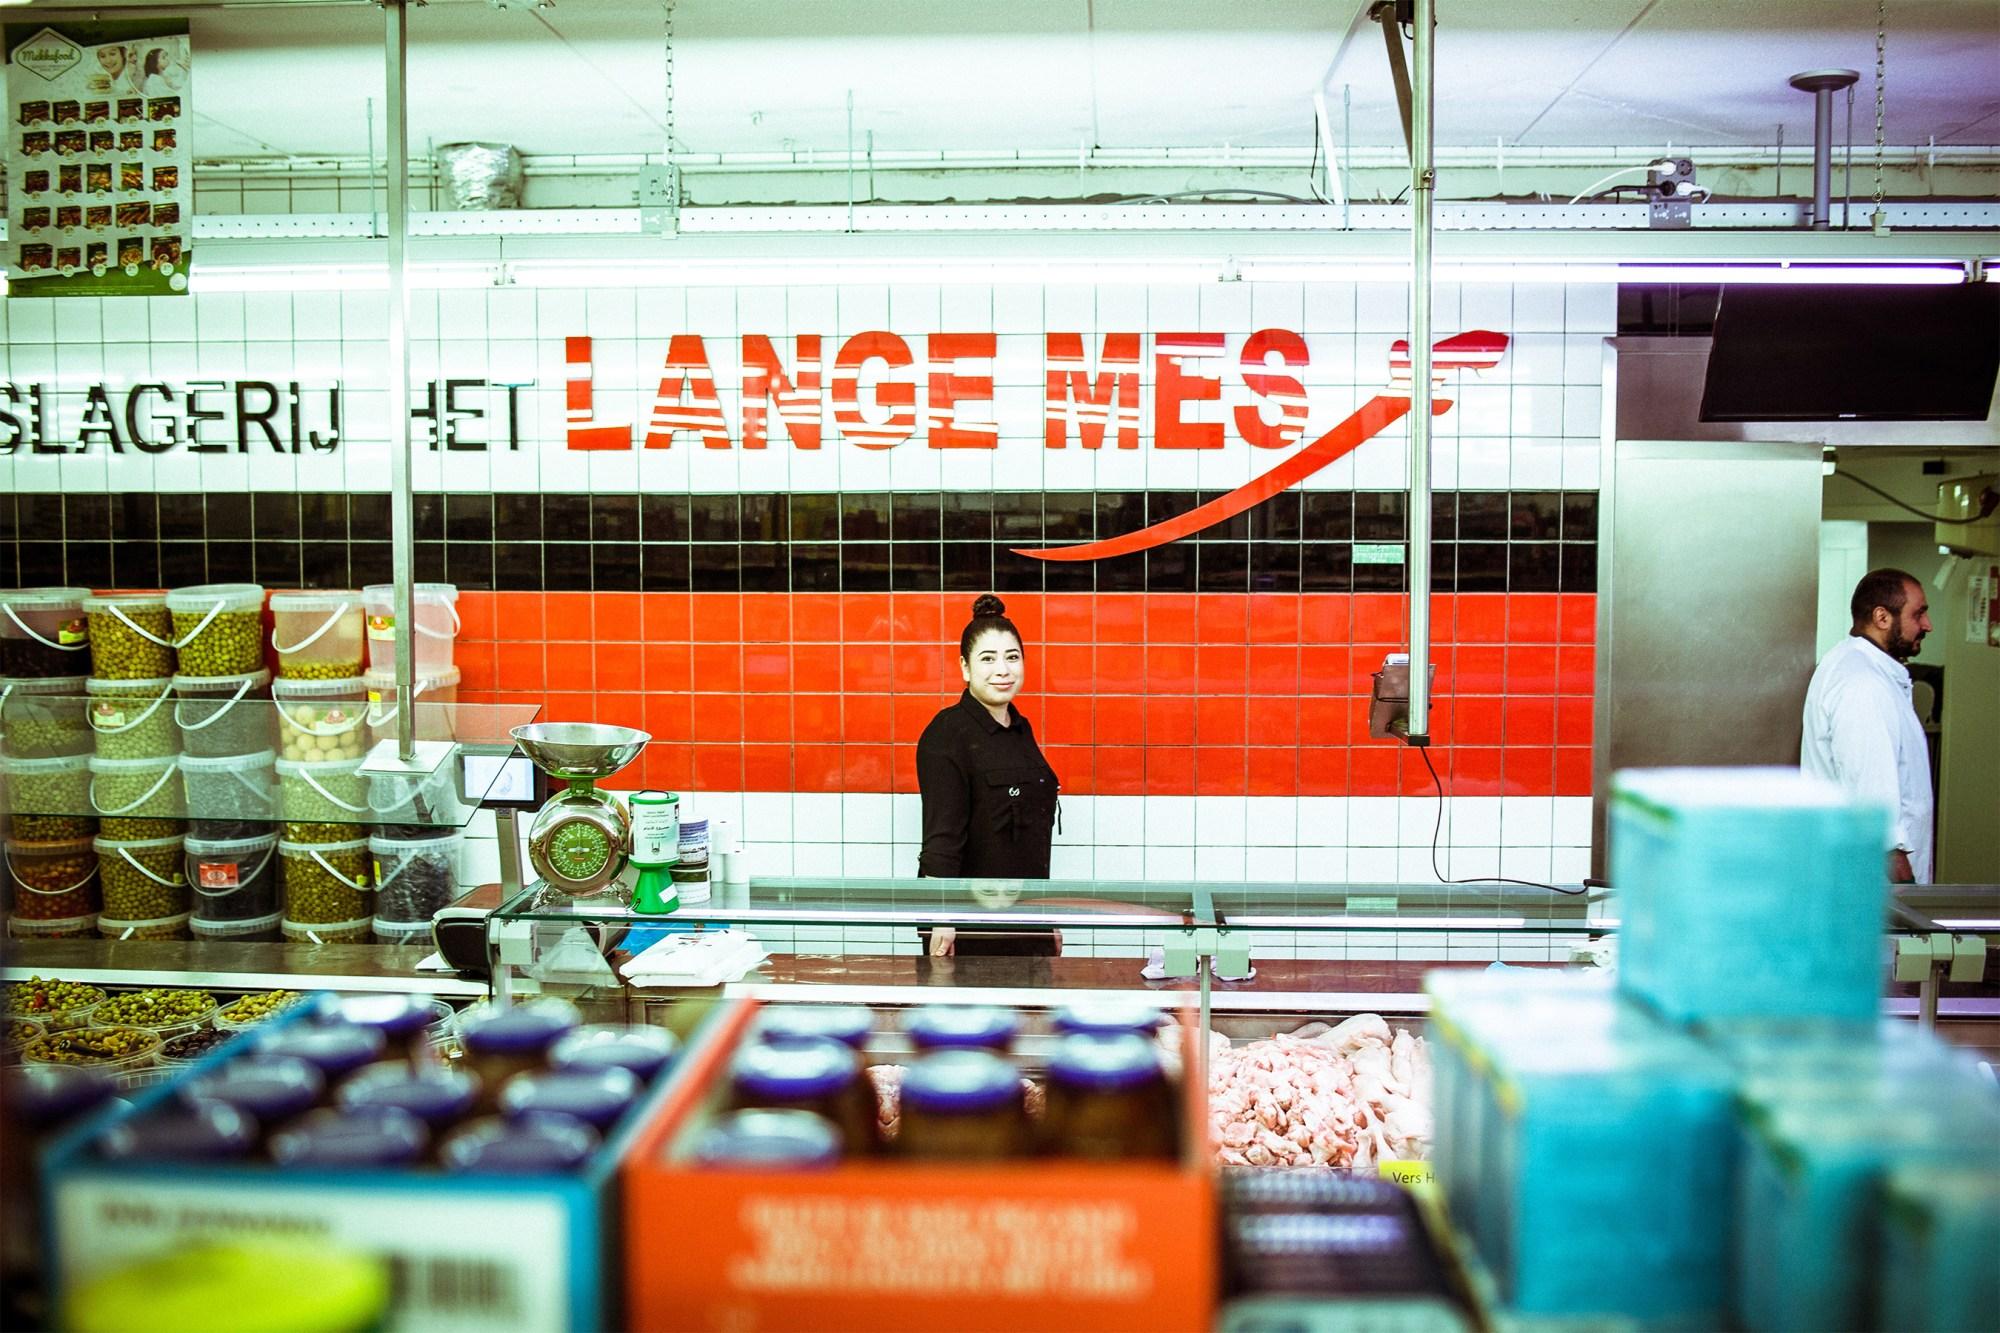 Slagerij in supermarkt Het Lange Mes in de Javastraat in het Javakwartier